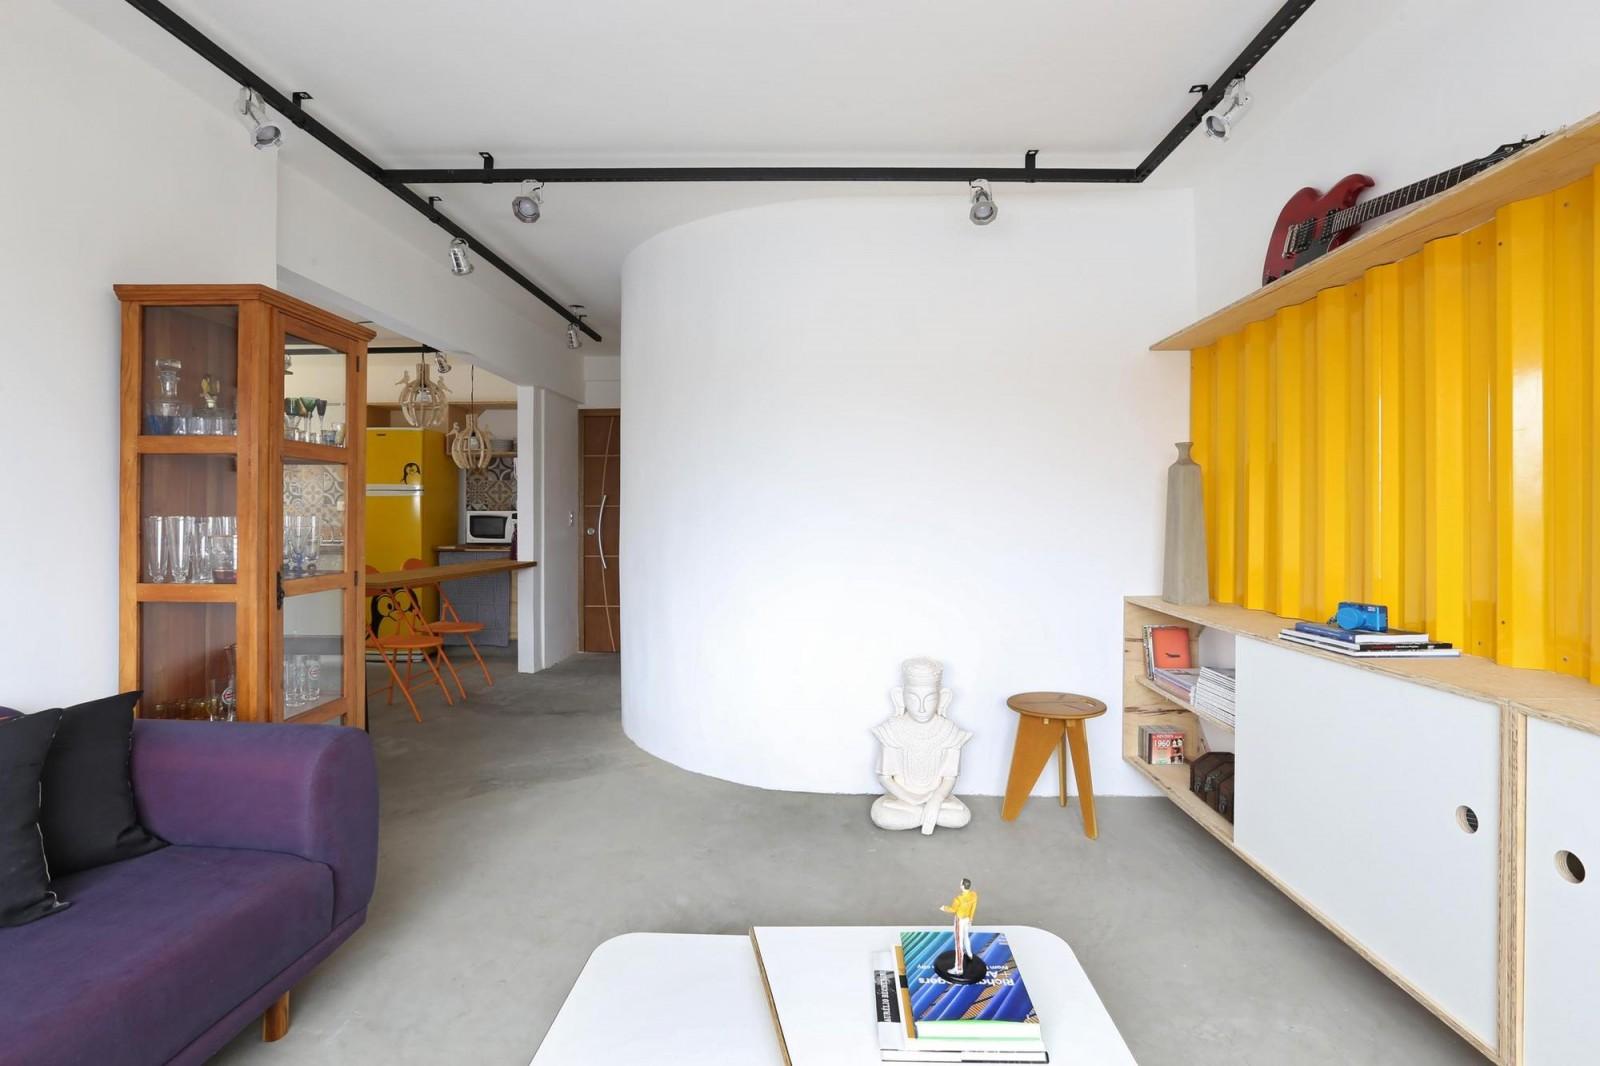 Jabaquara Apartment / Studio dLux